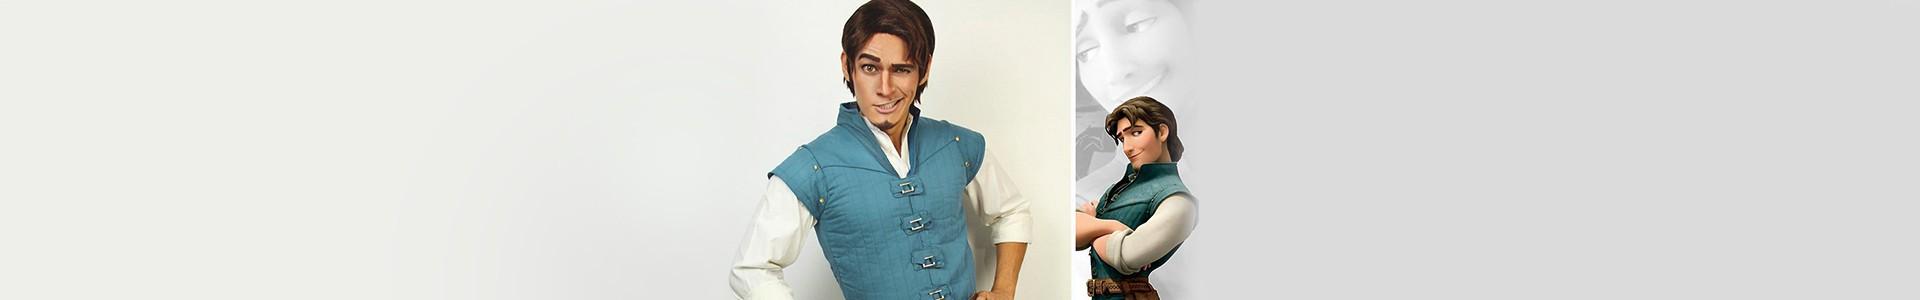 Este cosplayer se transforma nos príncipes da Disney e suas expressões arrasam